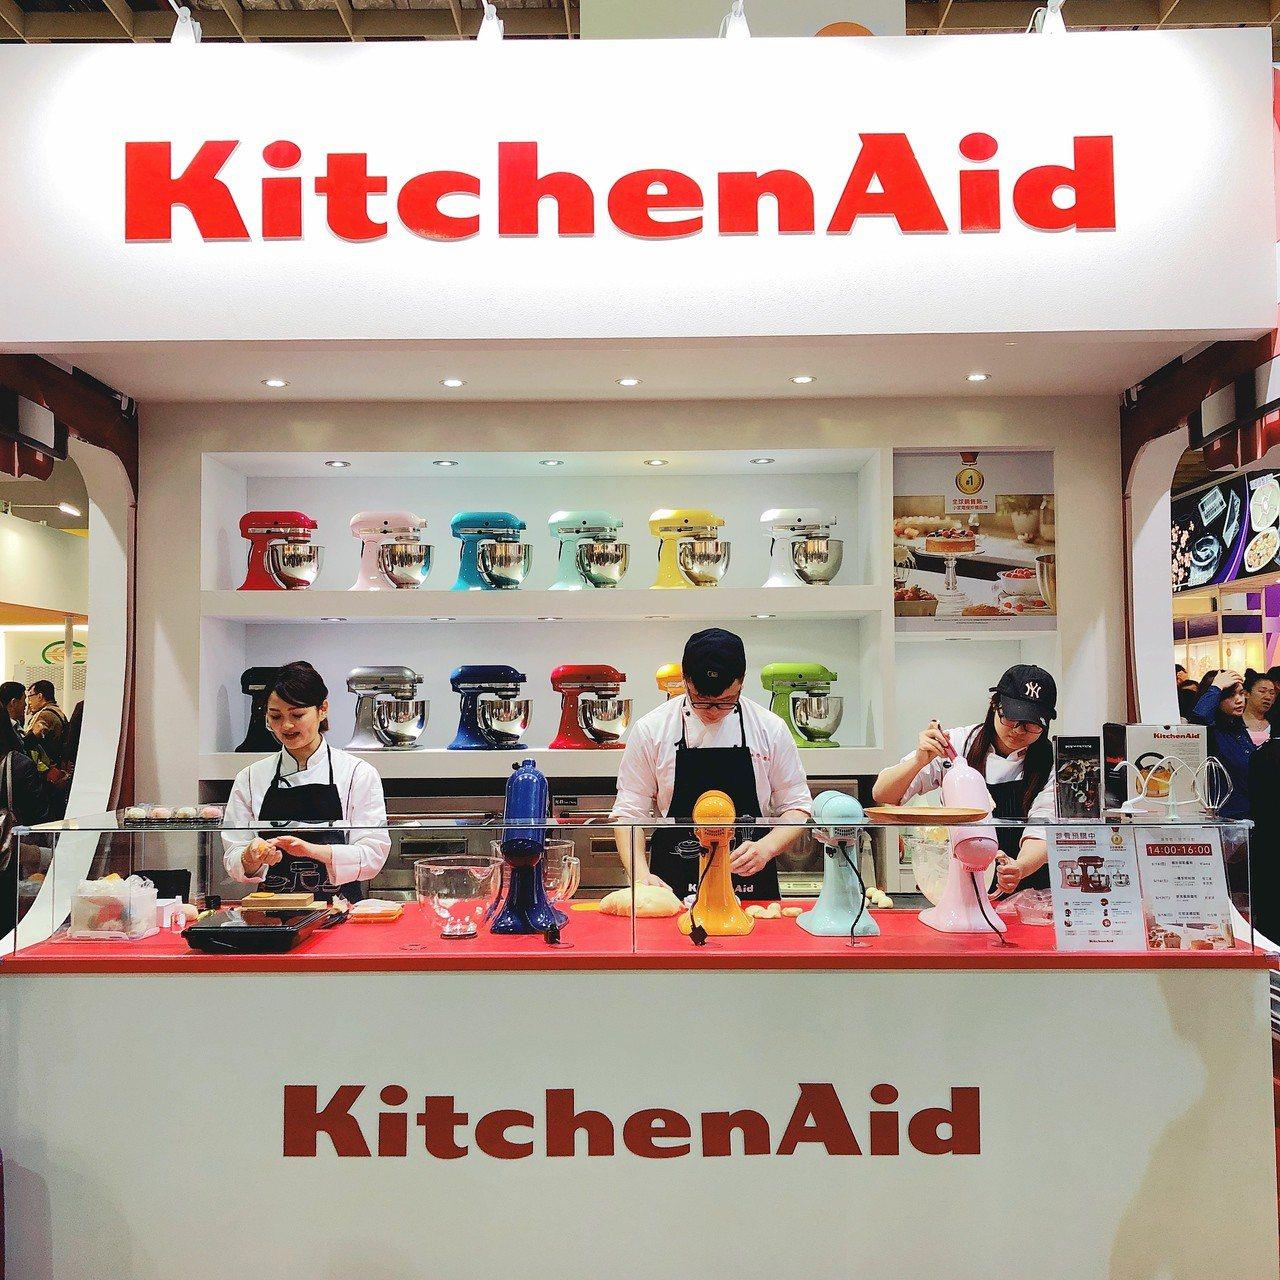 美國精品廚電品牌KitchenAid今年首度參展。記者黃筱晴/攝影